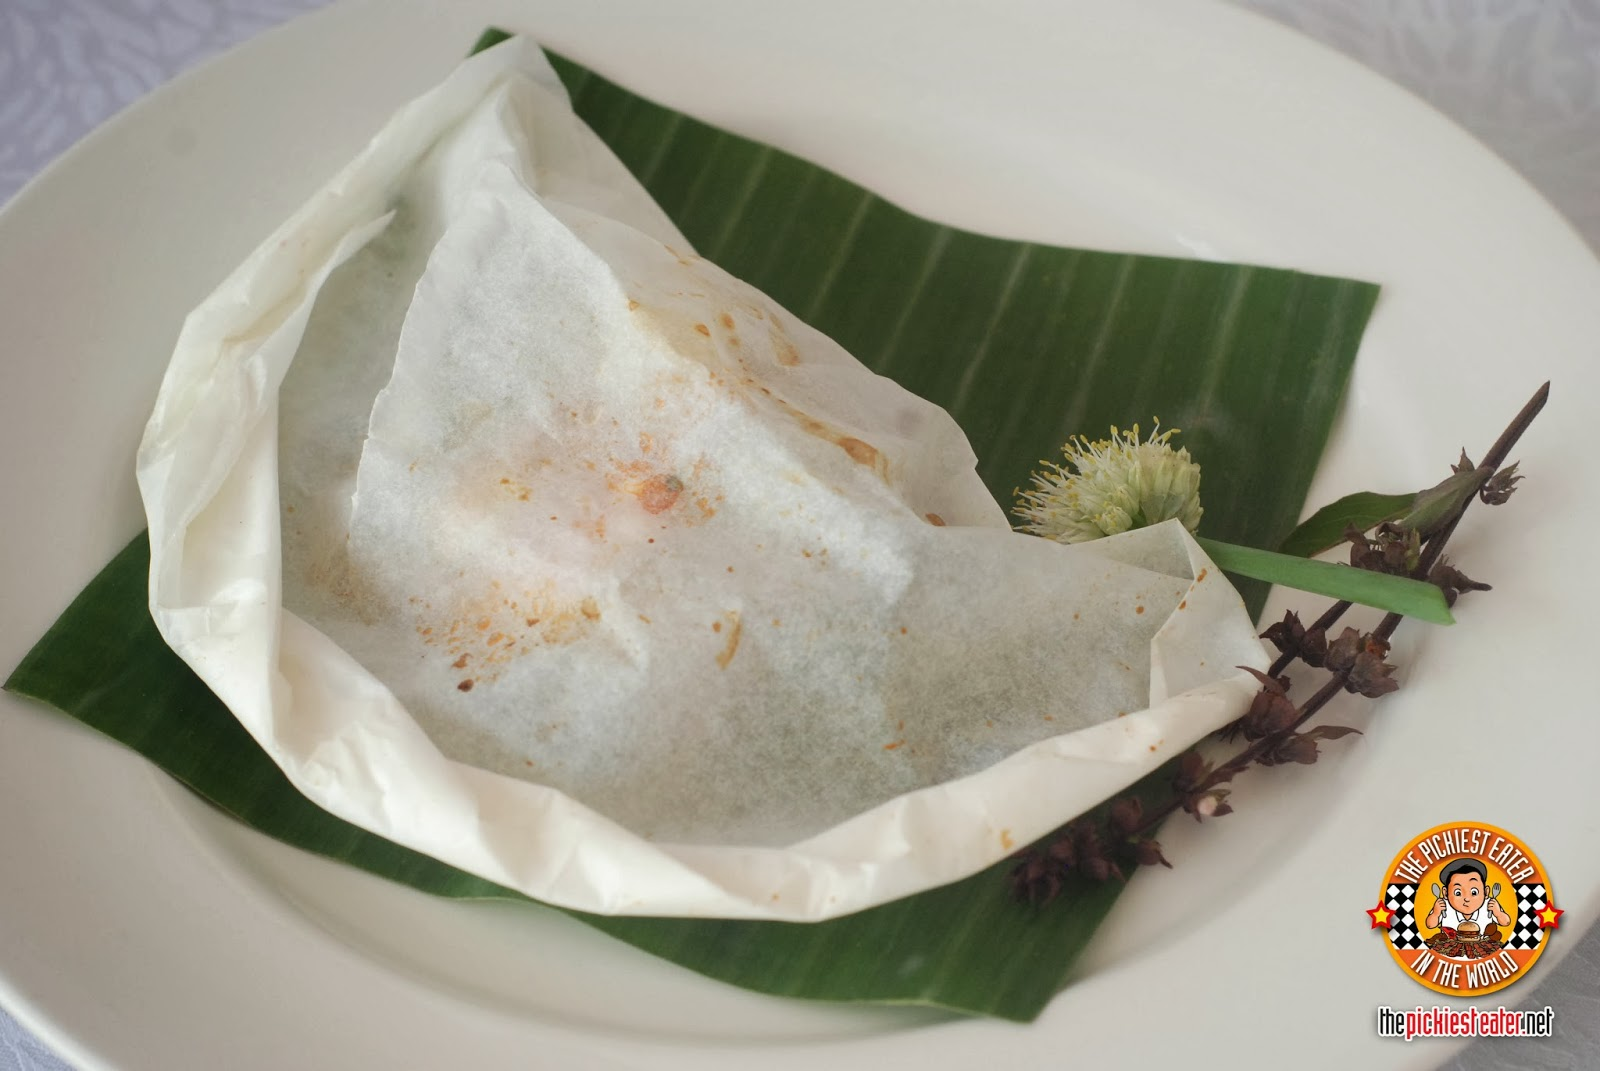 Sinanglay en Papillote